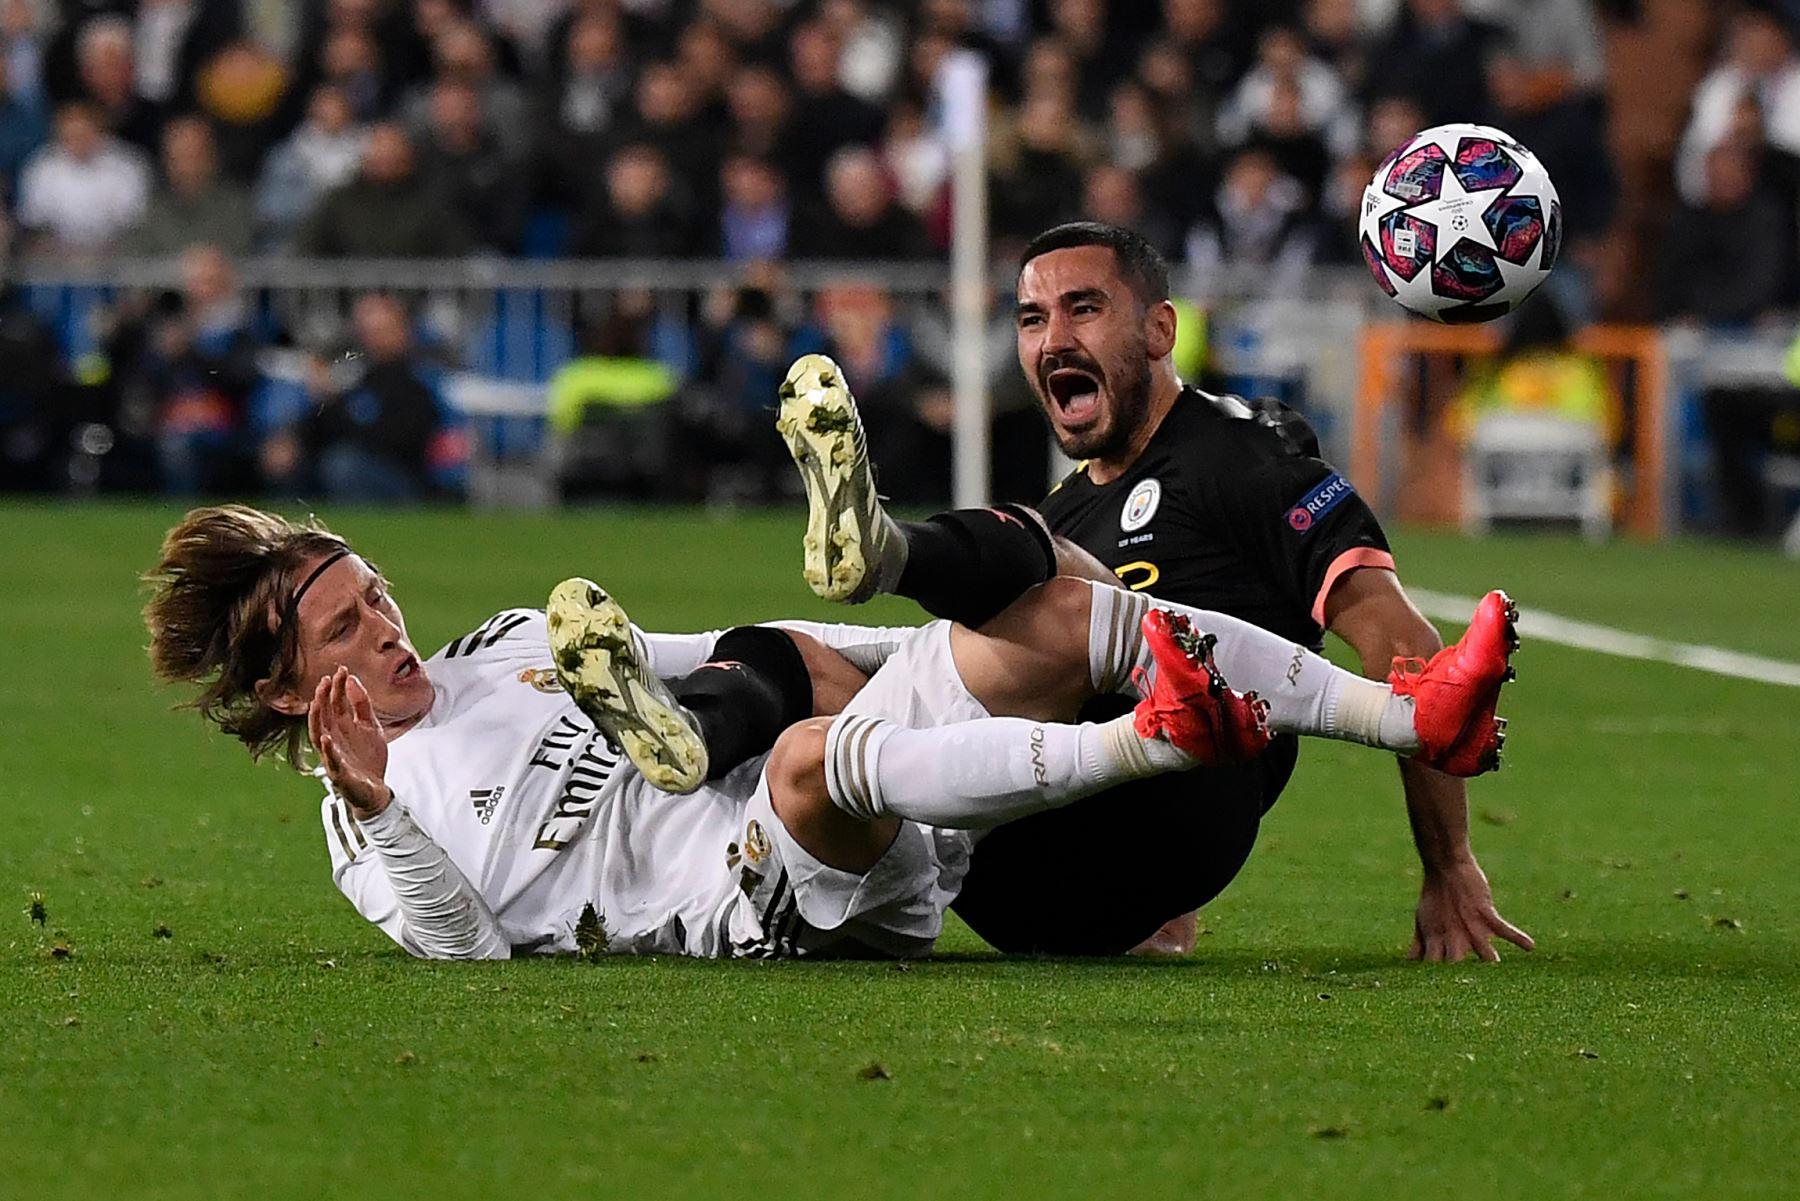 El centrocampista croata del Real Madrid Luka Modric  cae con el centrocampista alemán del Manchester City Ilkay Gundogan durante la ronda de 16 partidos de fútbol de ida de la Liga de Campeones de la UEFA entre el Real Madrid CF y el Manchester City. Foto: AFP